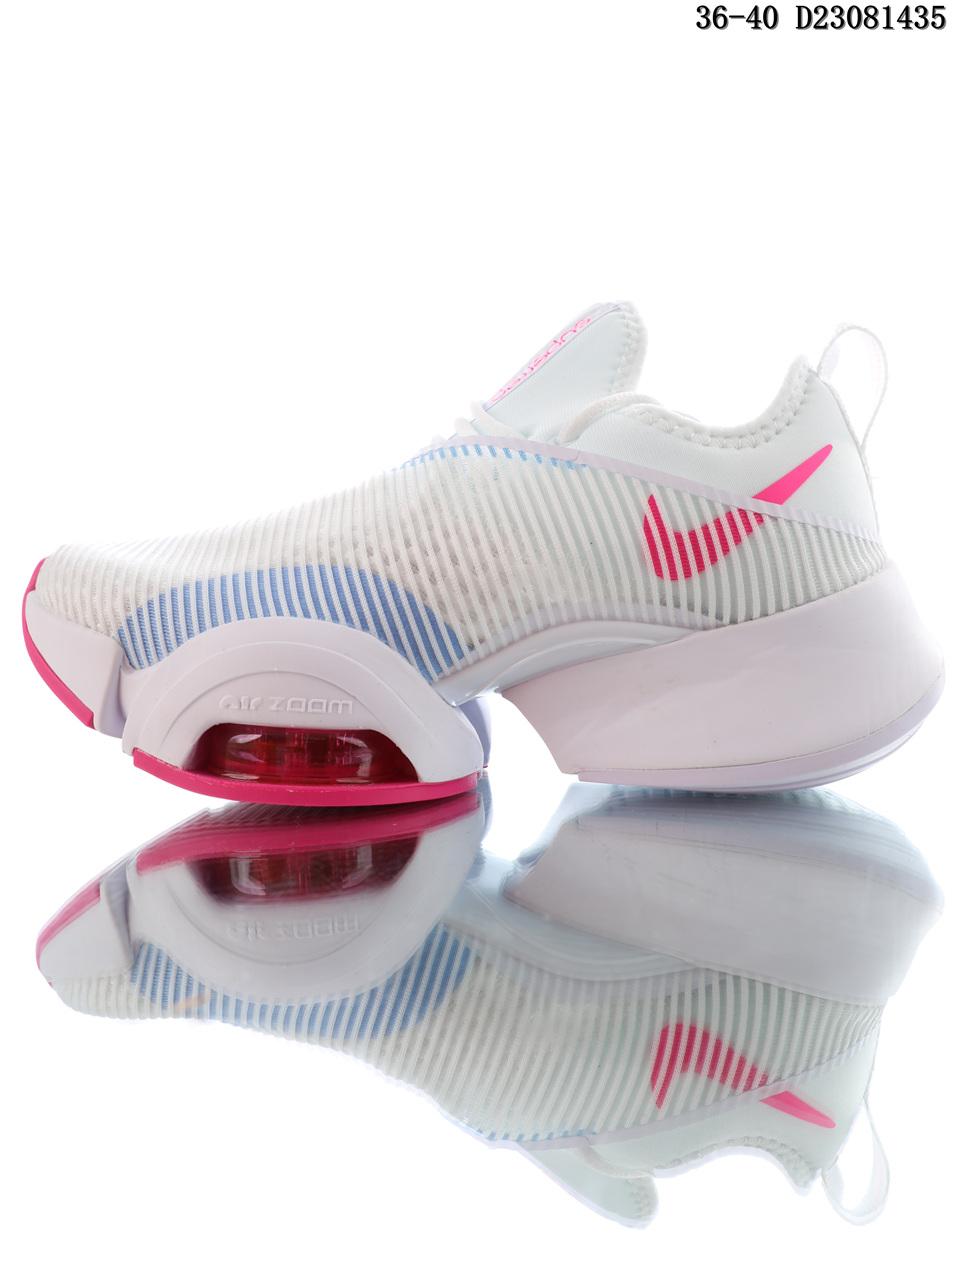 Nike Air Zoom Superrep white pink